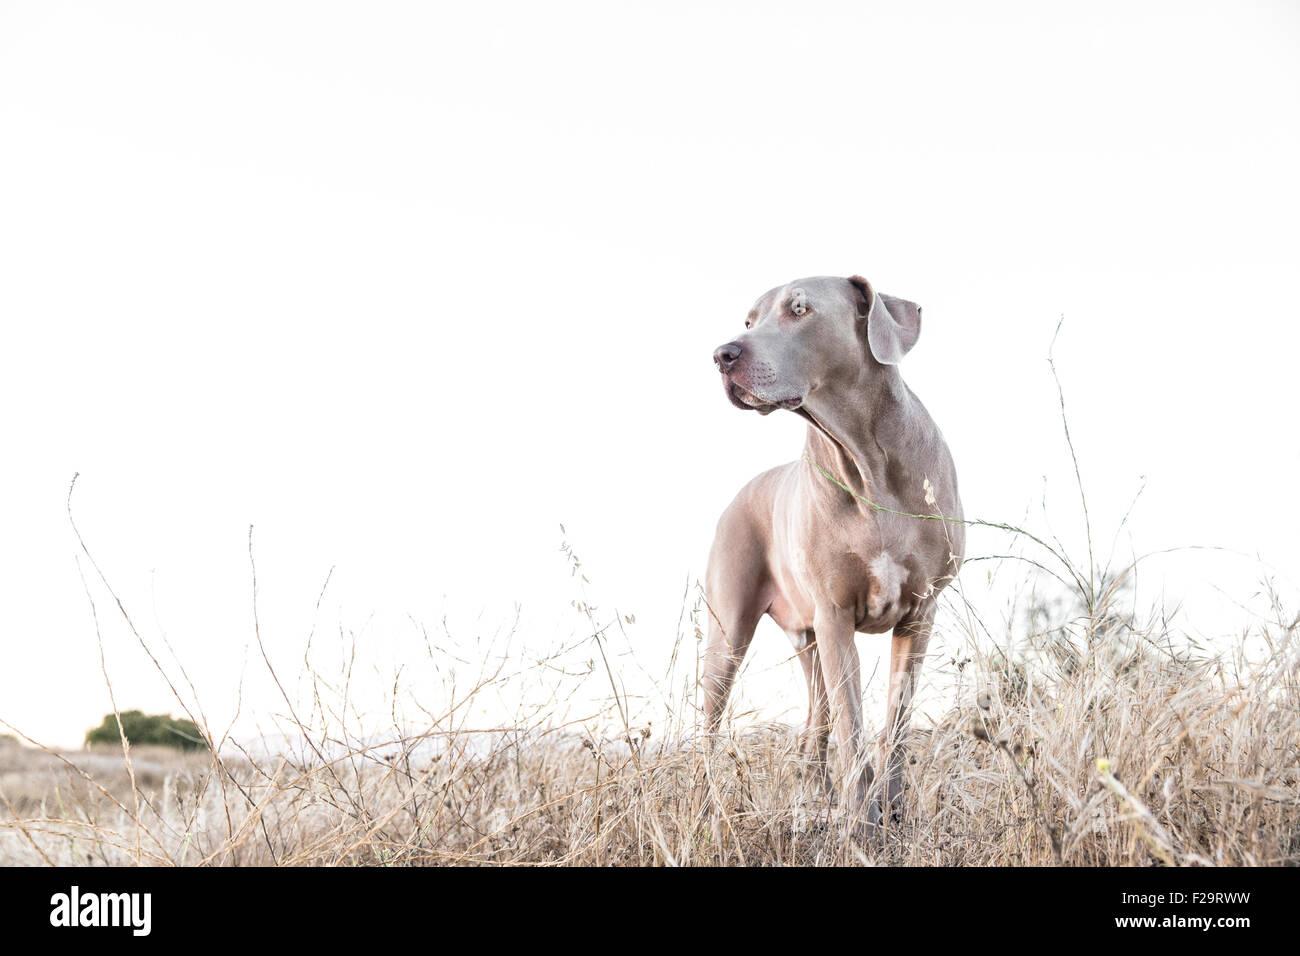 Erwachsenen Weimaraner Hund stehend gerichtete Kamera, Kamera ausschalten nach links in einem trockenen kargen Feld Stockbild